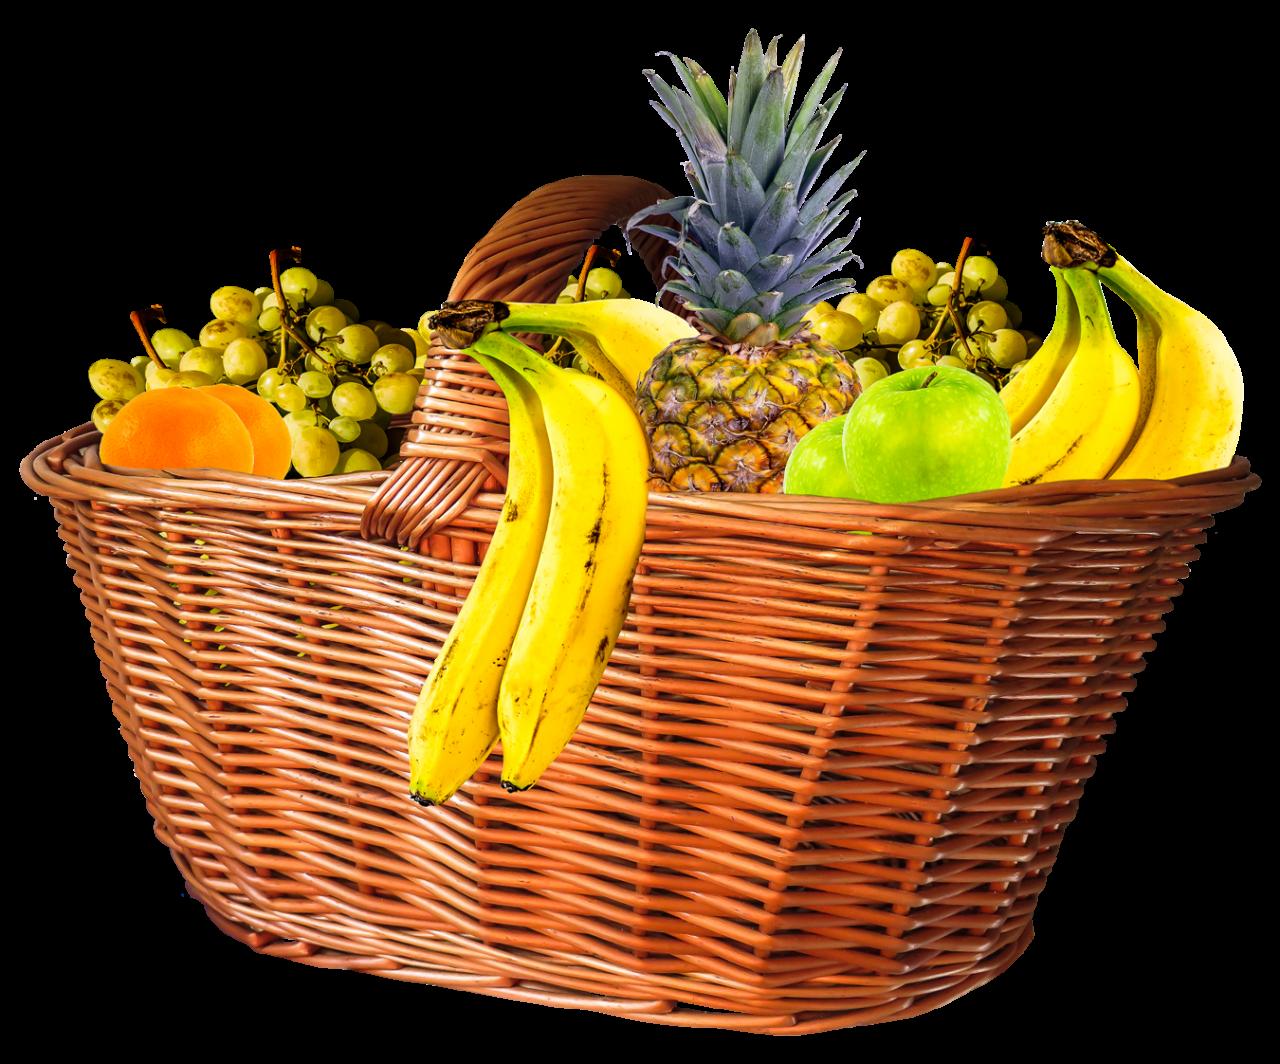 Fruit Basket PNG Image